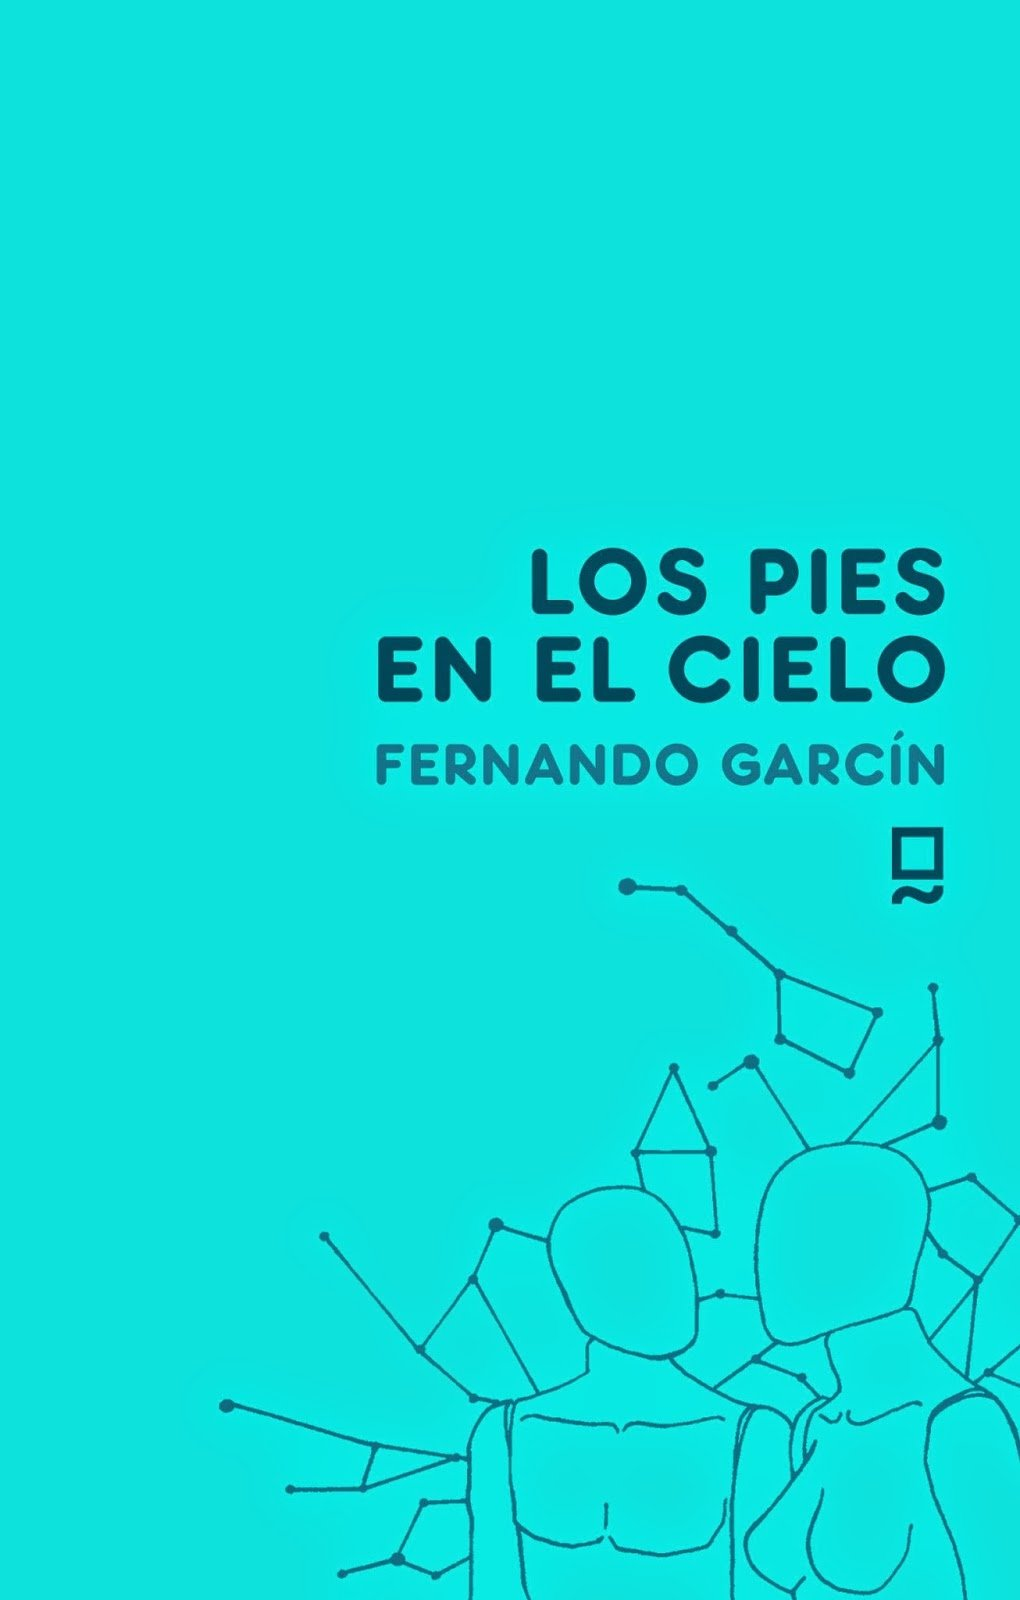 Los pies en el cielo, de Fernando Garcín/www.balduque.es